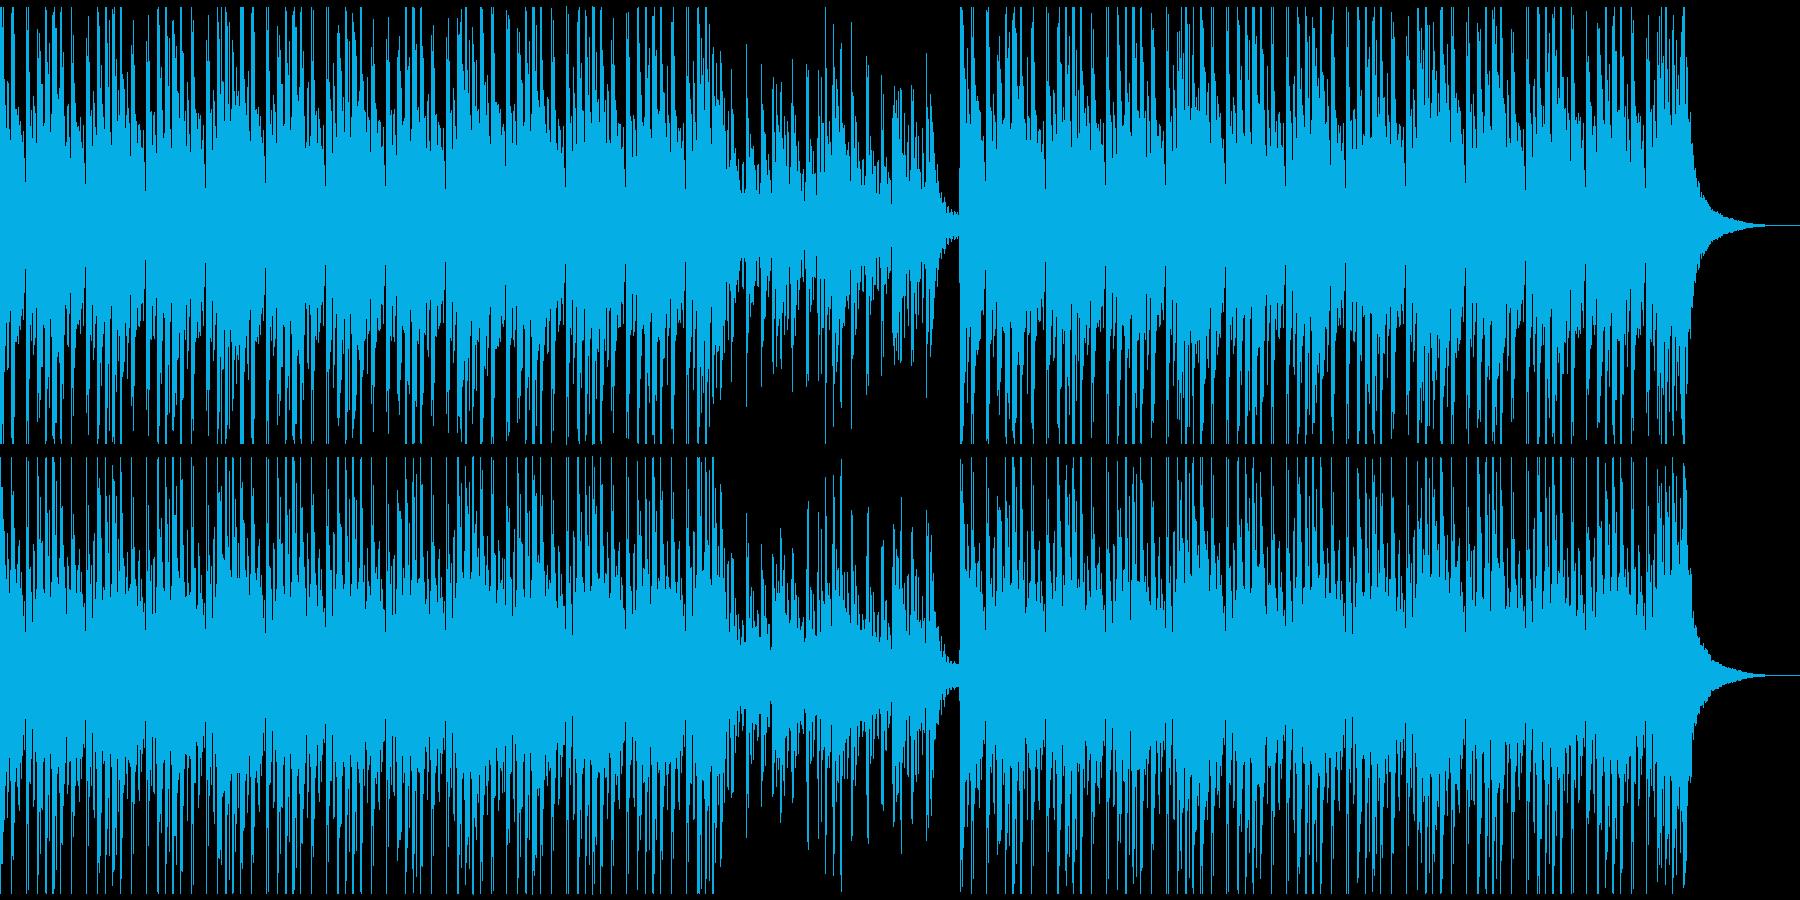 【掛け声抜き】和太鼓や和楽器 力強いアンの再生済みの波形